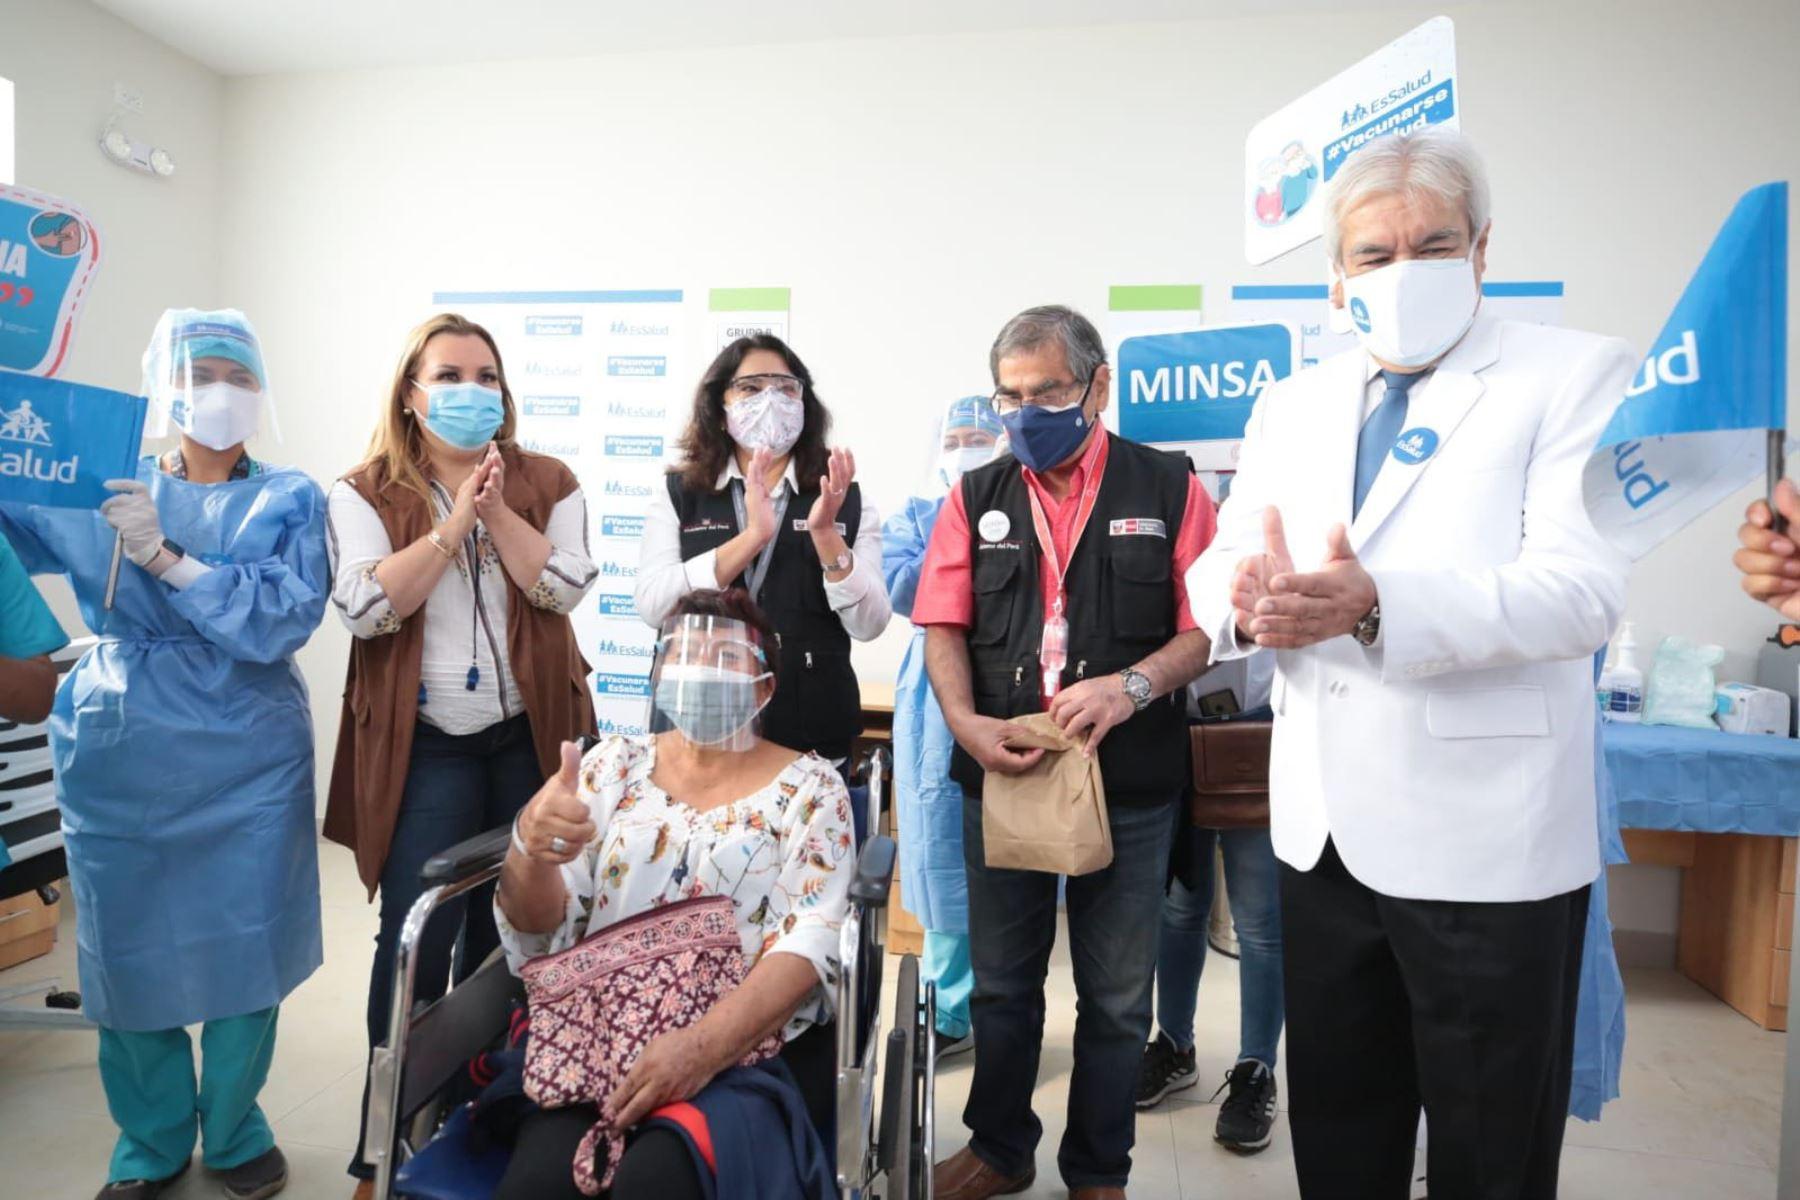 La presidenta del Consejo de Ministros, Violeta Bermúdez, y el ministro de Salud, Oscar Ugarte, inspeccionan el proceso de vacunación contra la covid-19 a adultos mayores de 70 años en un recorrido por distritos de Lima metropolitana.  Foto: PCM